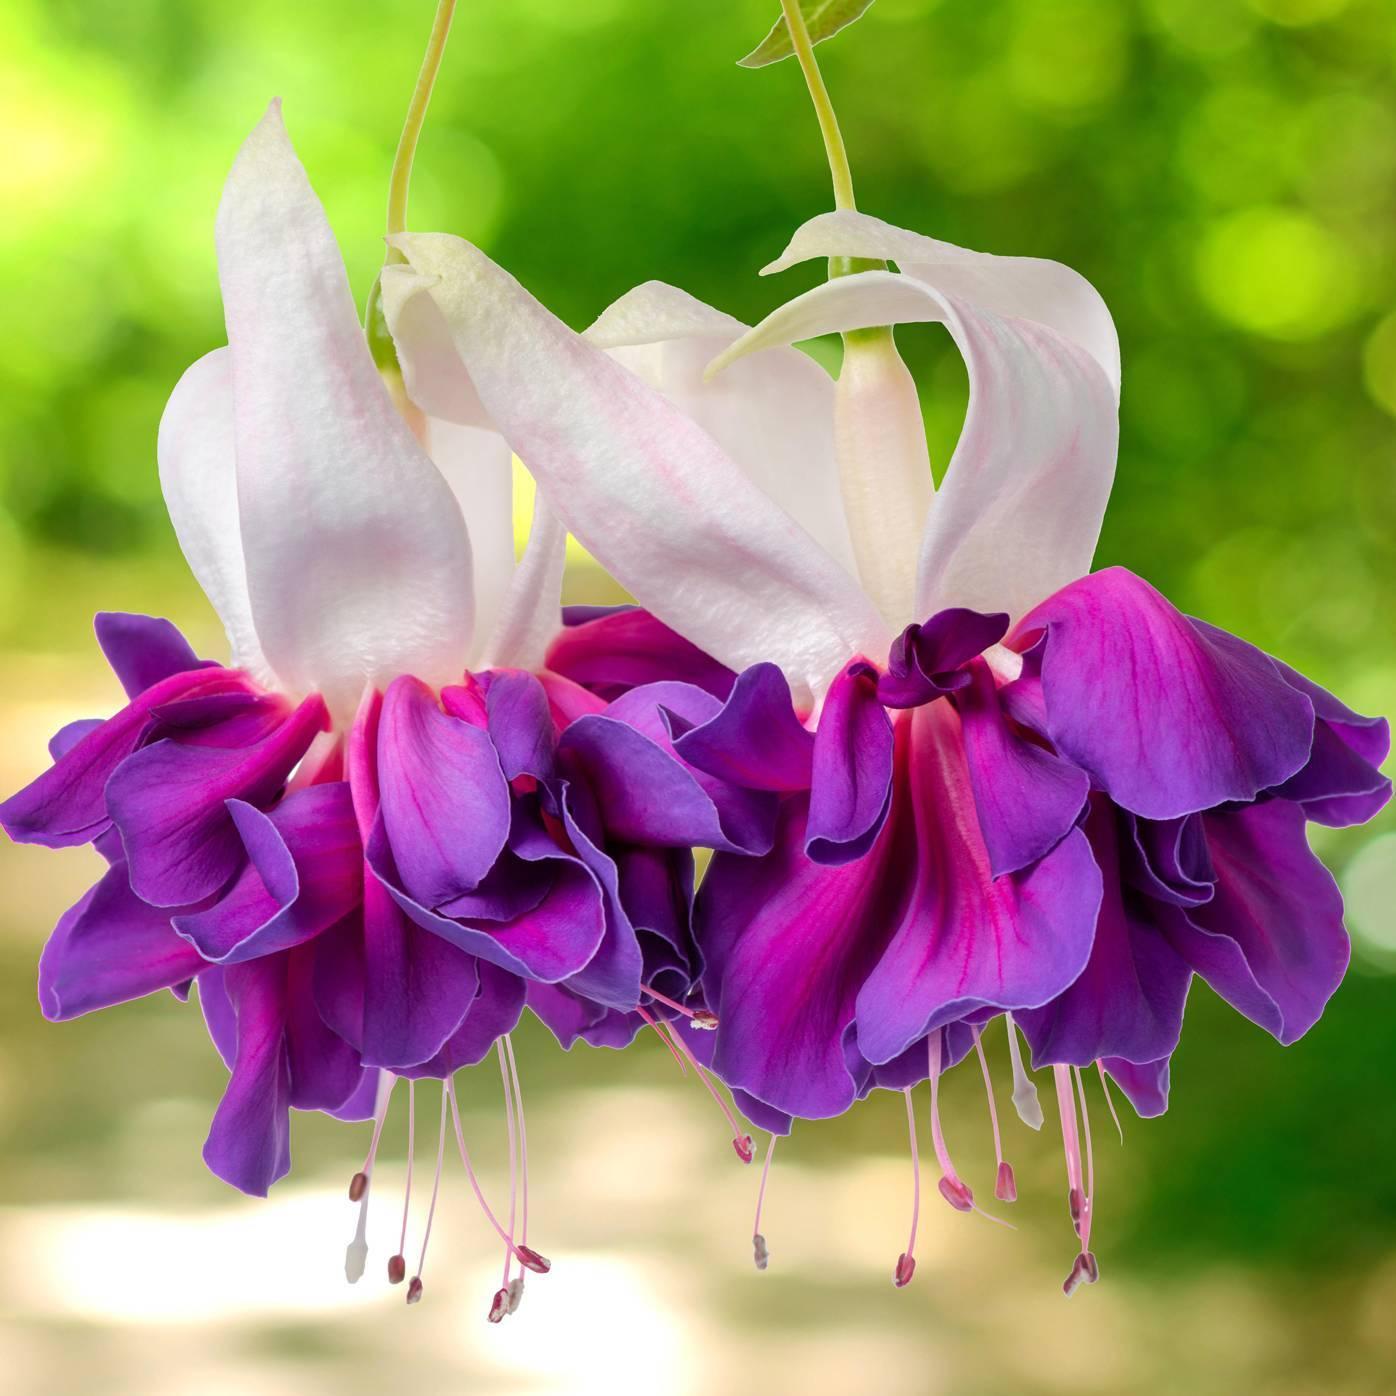 Виды и сорта фуксии (46 фото): «анабель» и «балерина», deep purple, «наташа синтон» и voodoo, blue angel и lenny erwin, другие